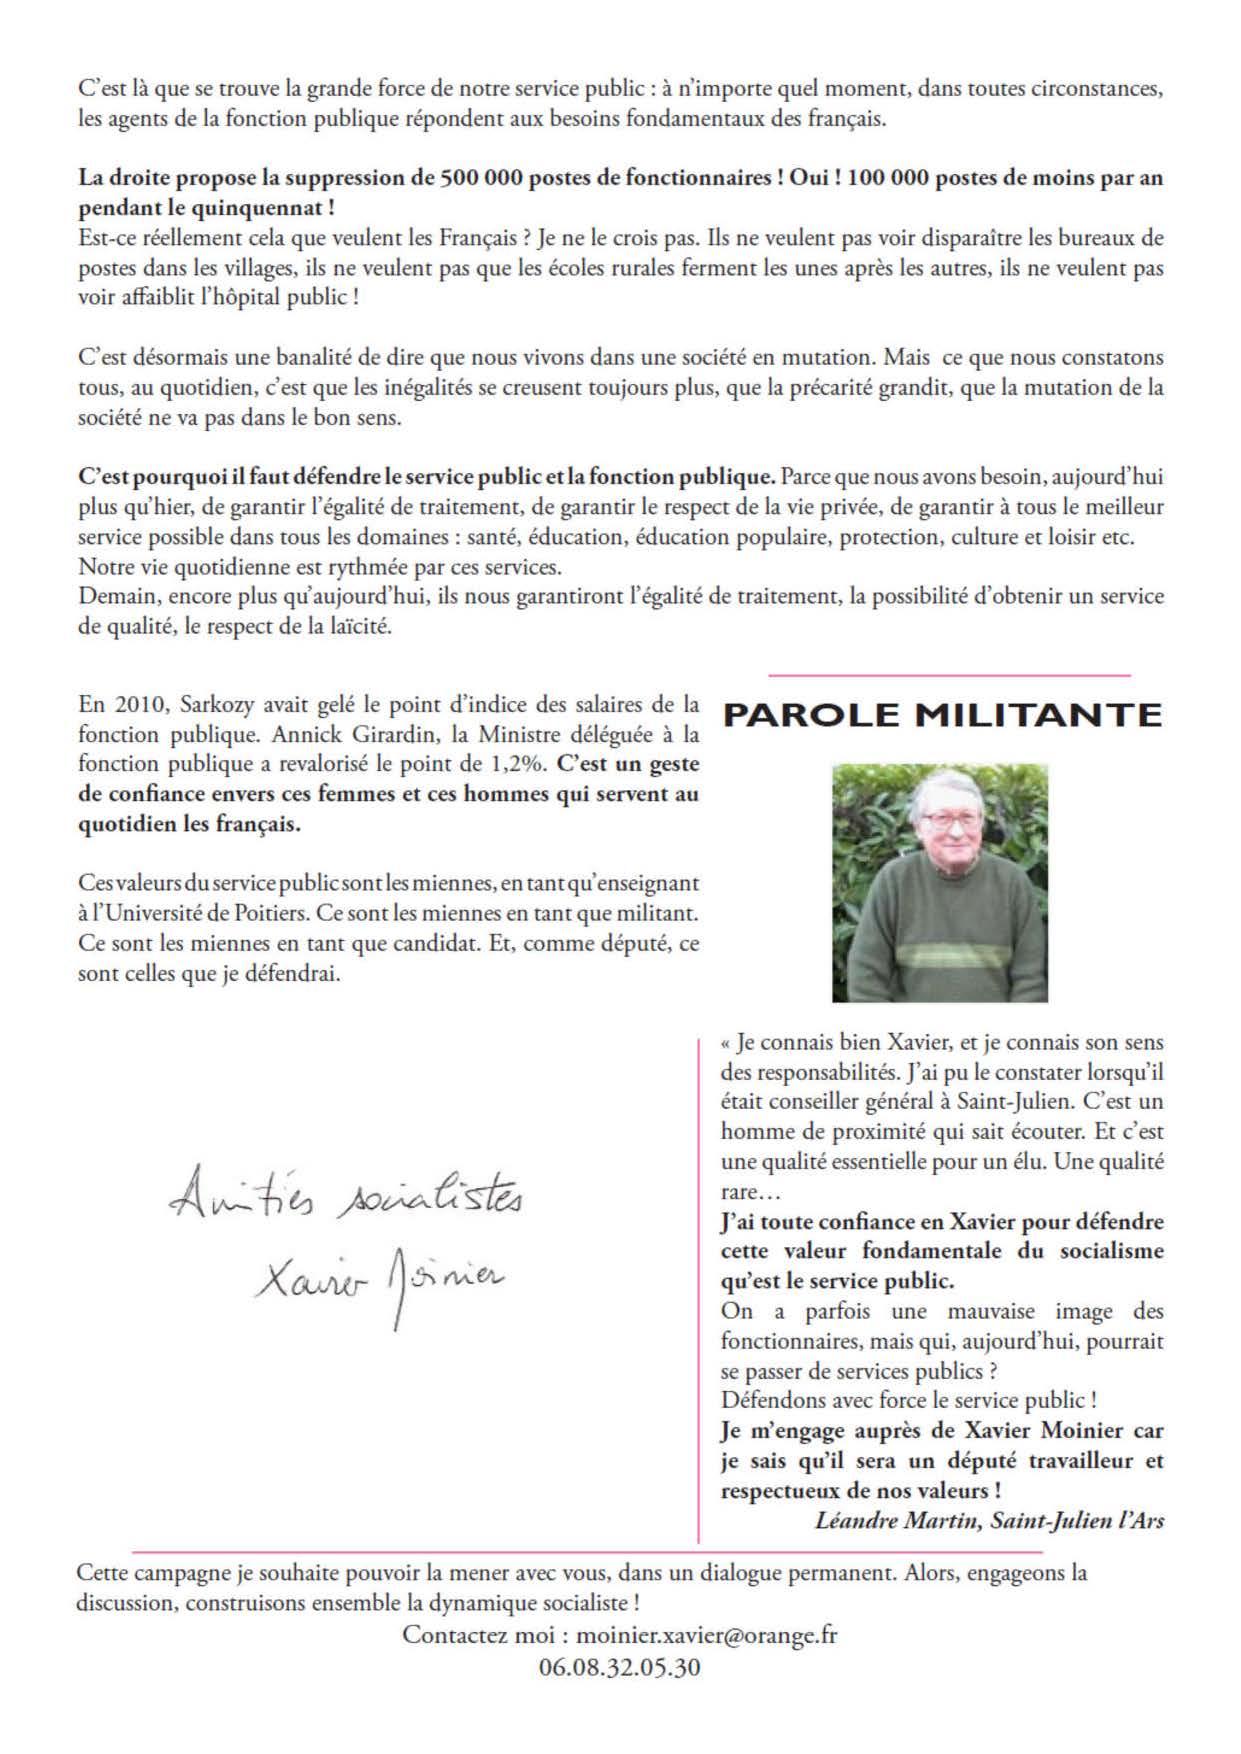 xaviermoinier-fr-lettre-aux-militants-2-page2